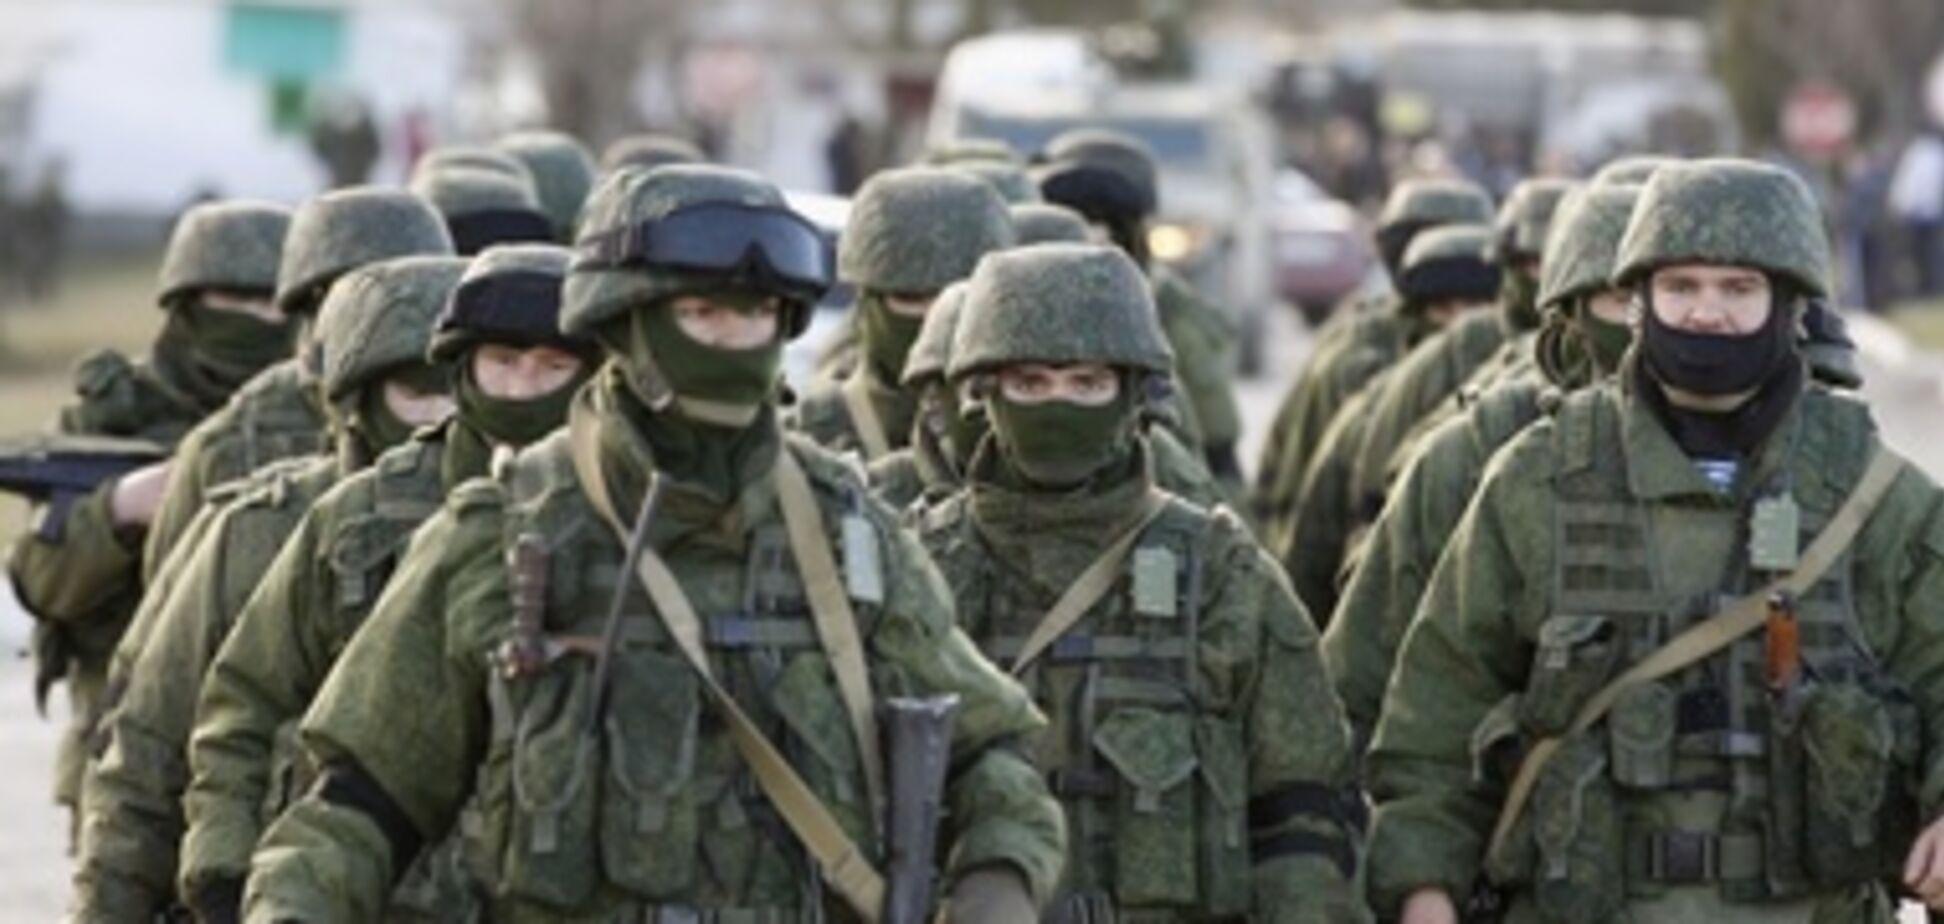 Предали во время аннексии Крыма: раскрыты личности 900 перебежчиков в Россию